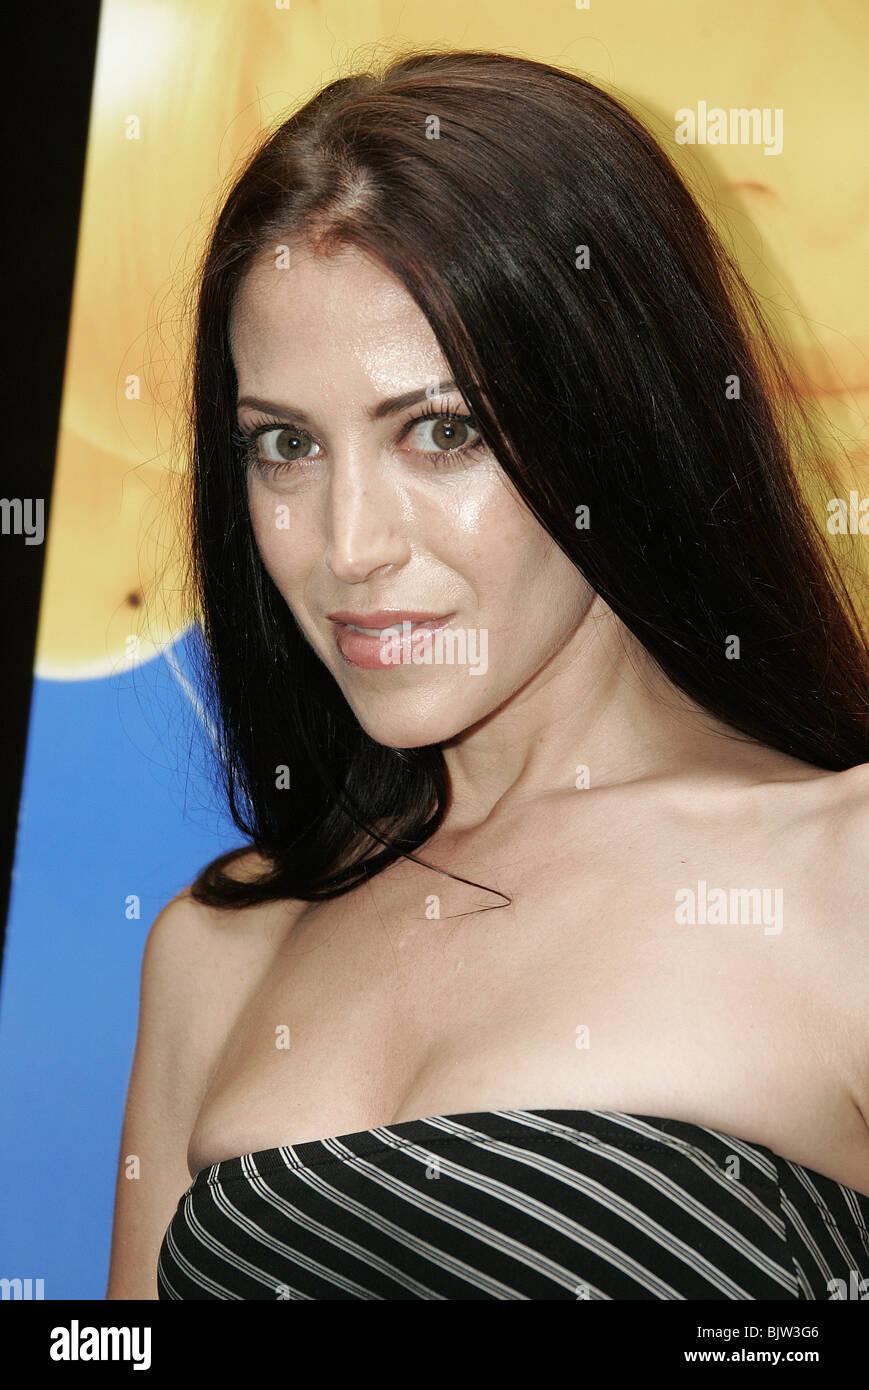 Leslie Bega Nude Photos 1